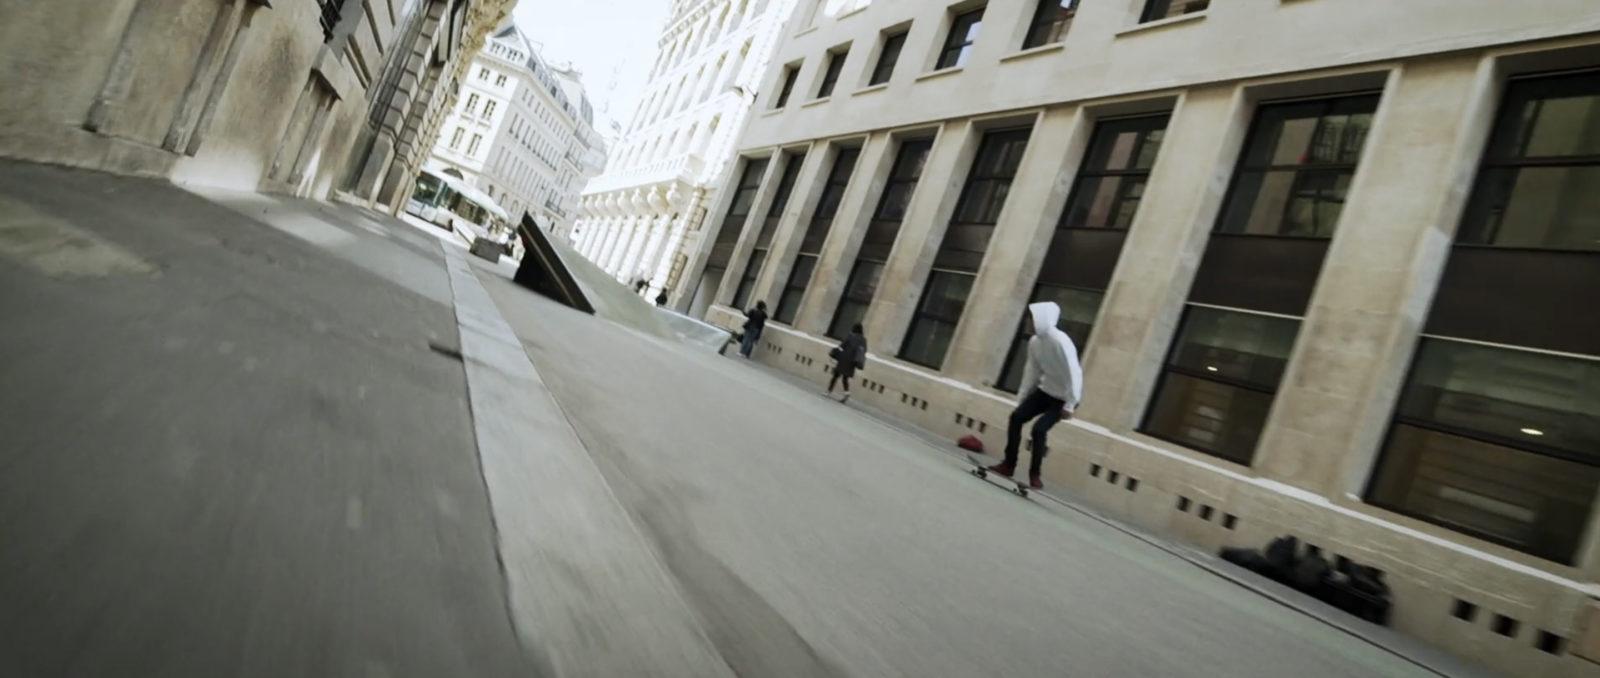 """skateur film unwordable antoine plainfosse - """"Unwordable"""", un film de skate qui explore Paris et sublime son architecture"""